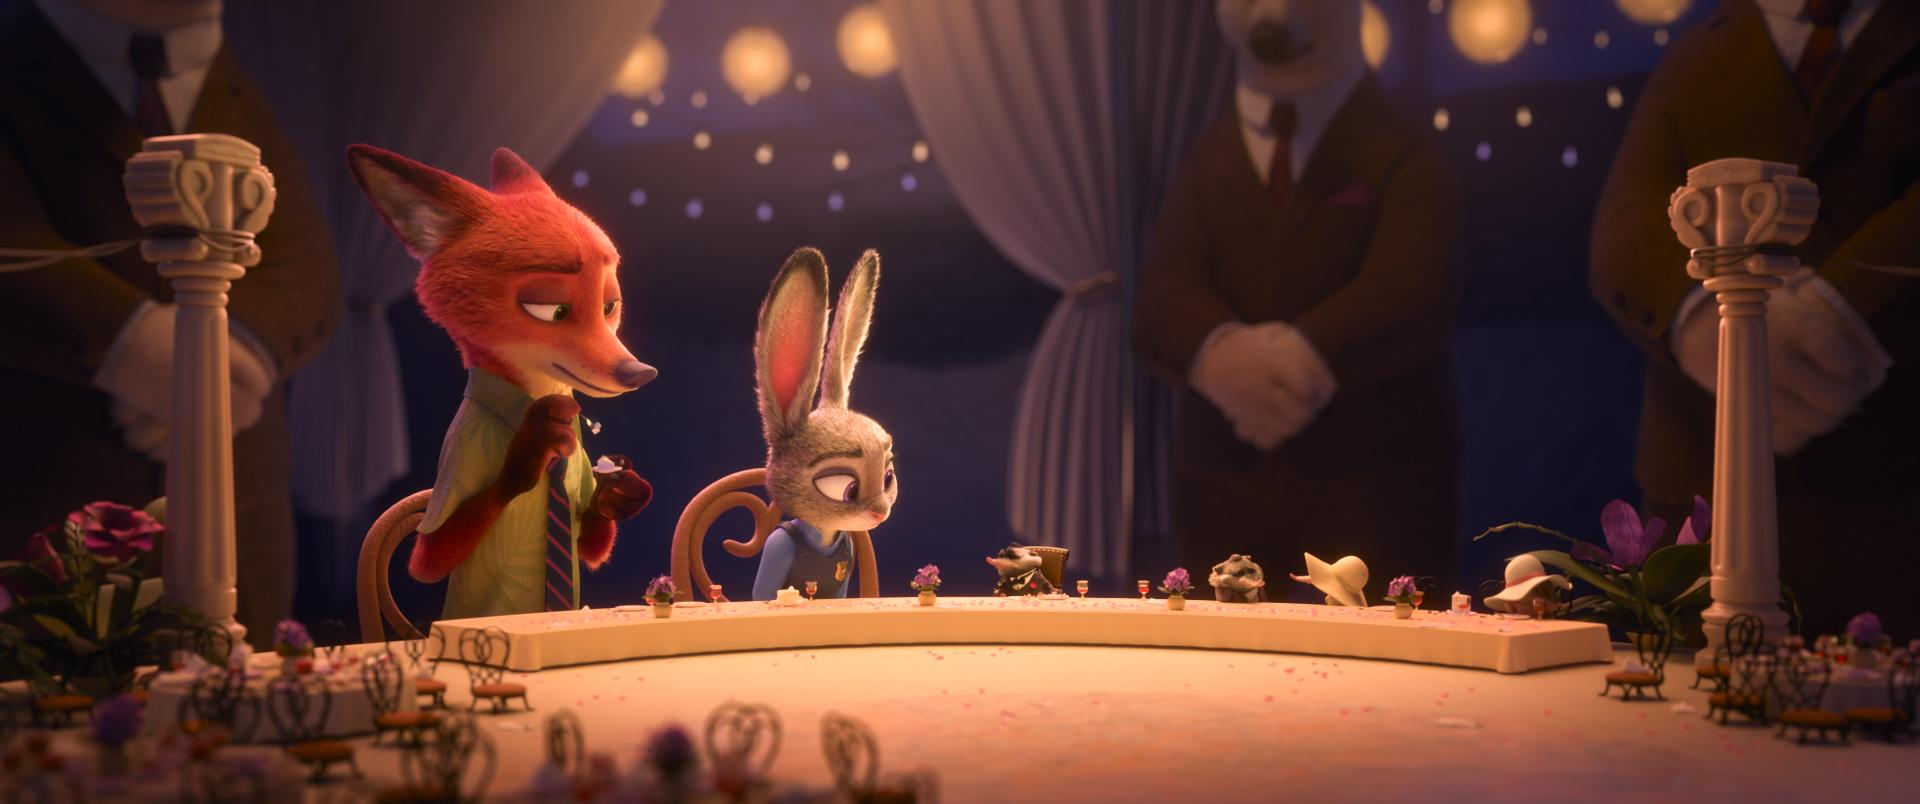 Judy Hopps   Disney Wiki   FANDOM powered by Wikia